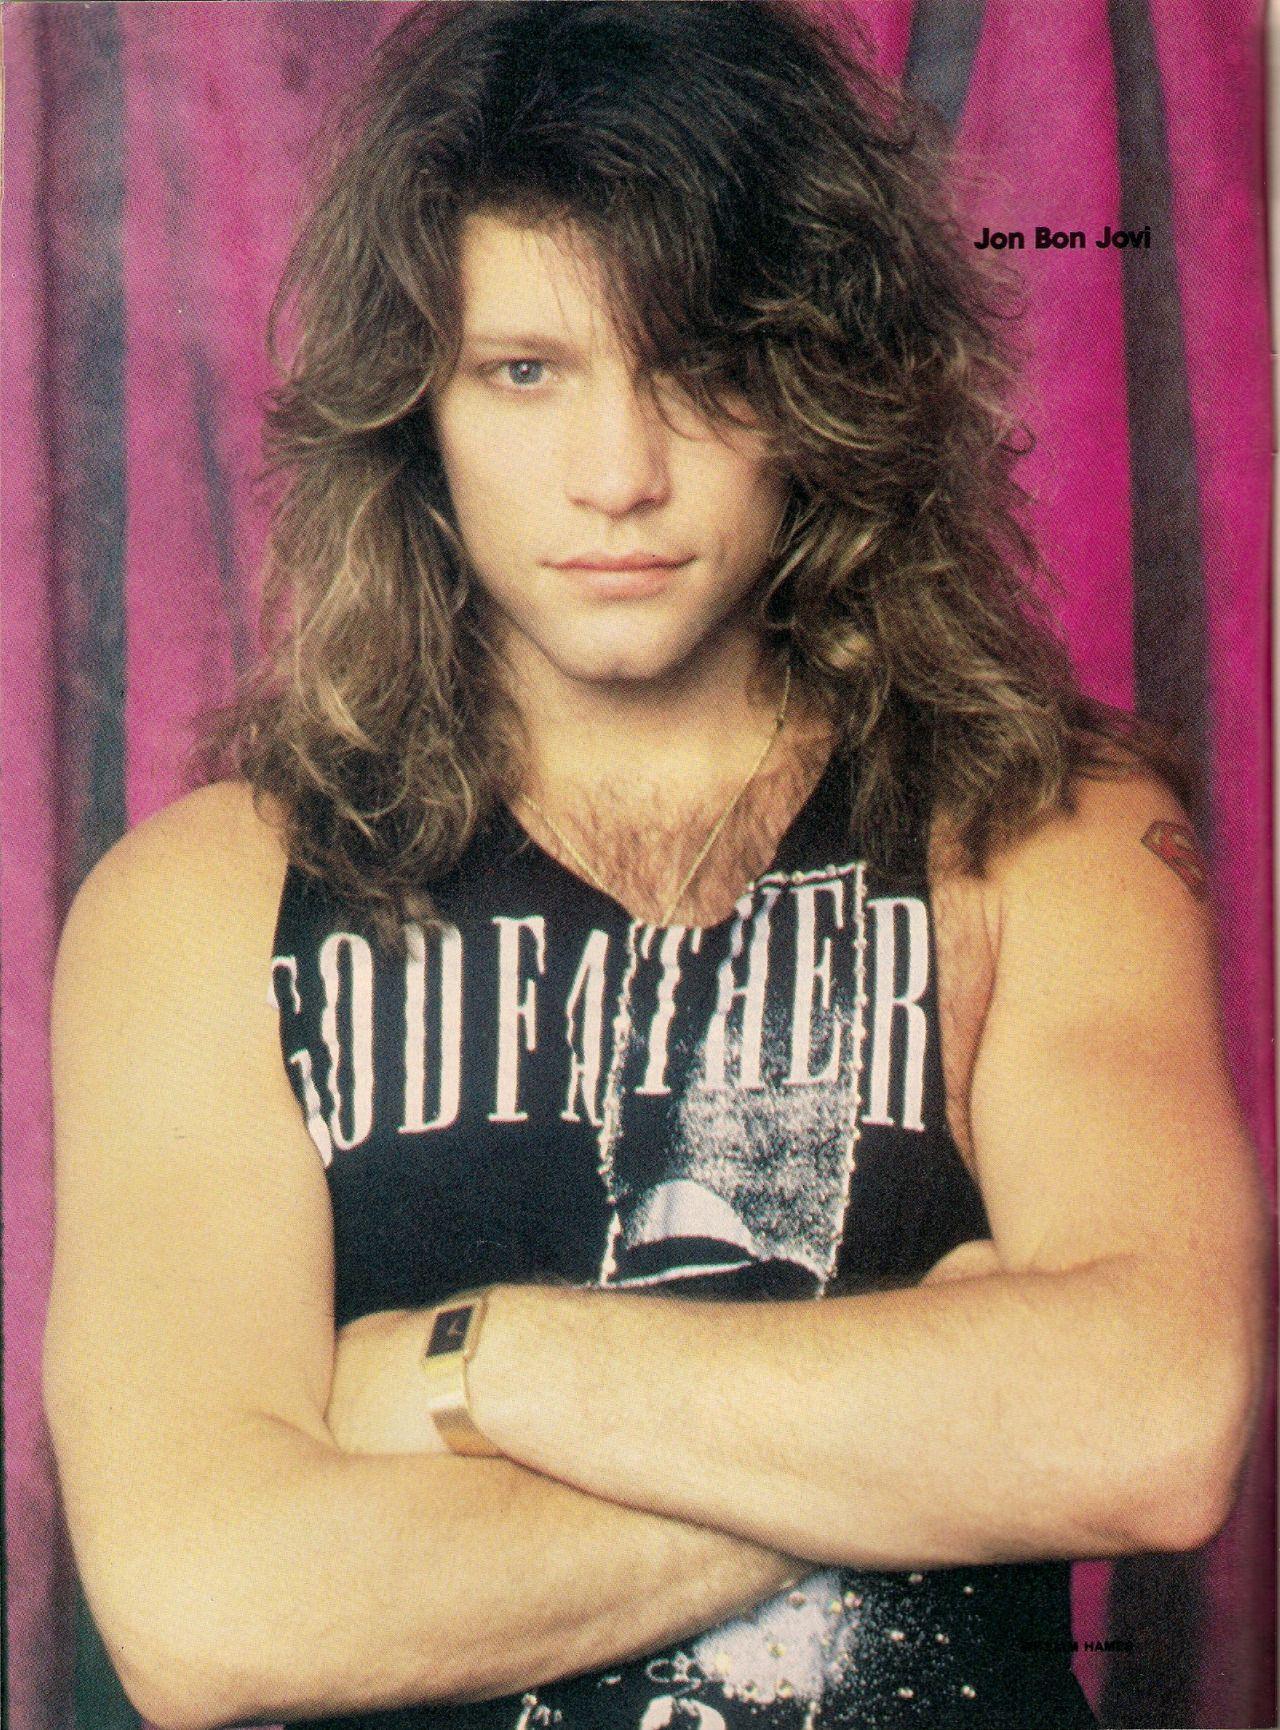 Jon Bon Jovi 80s Hair Www Pixshark Com Images